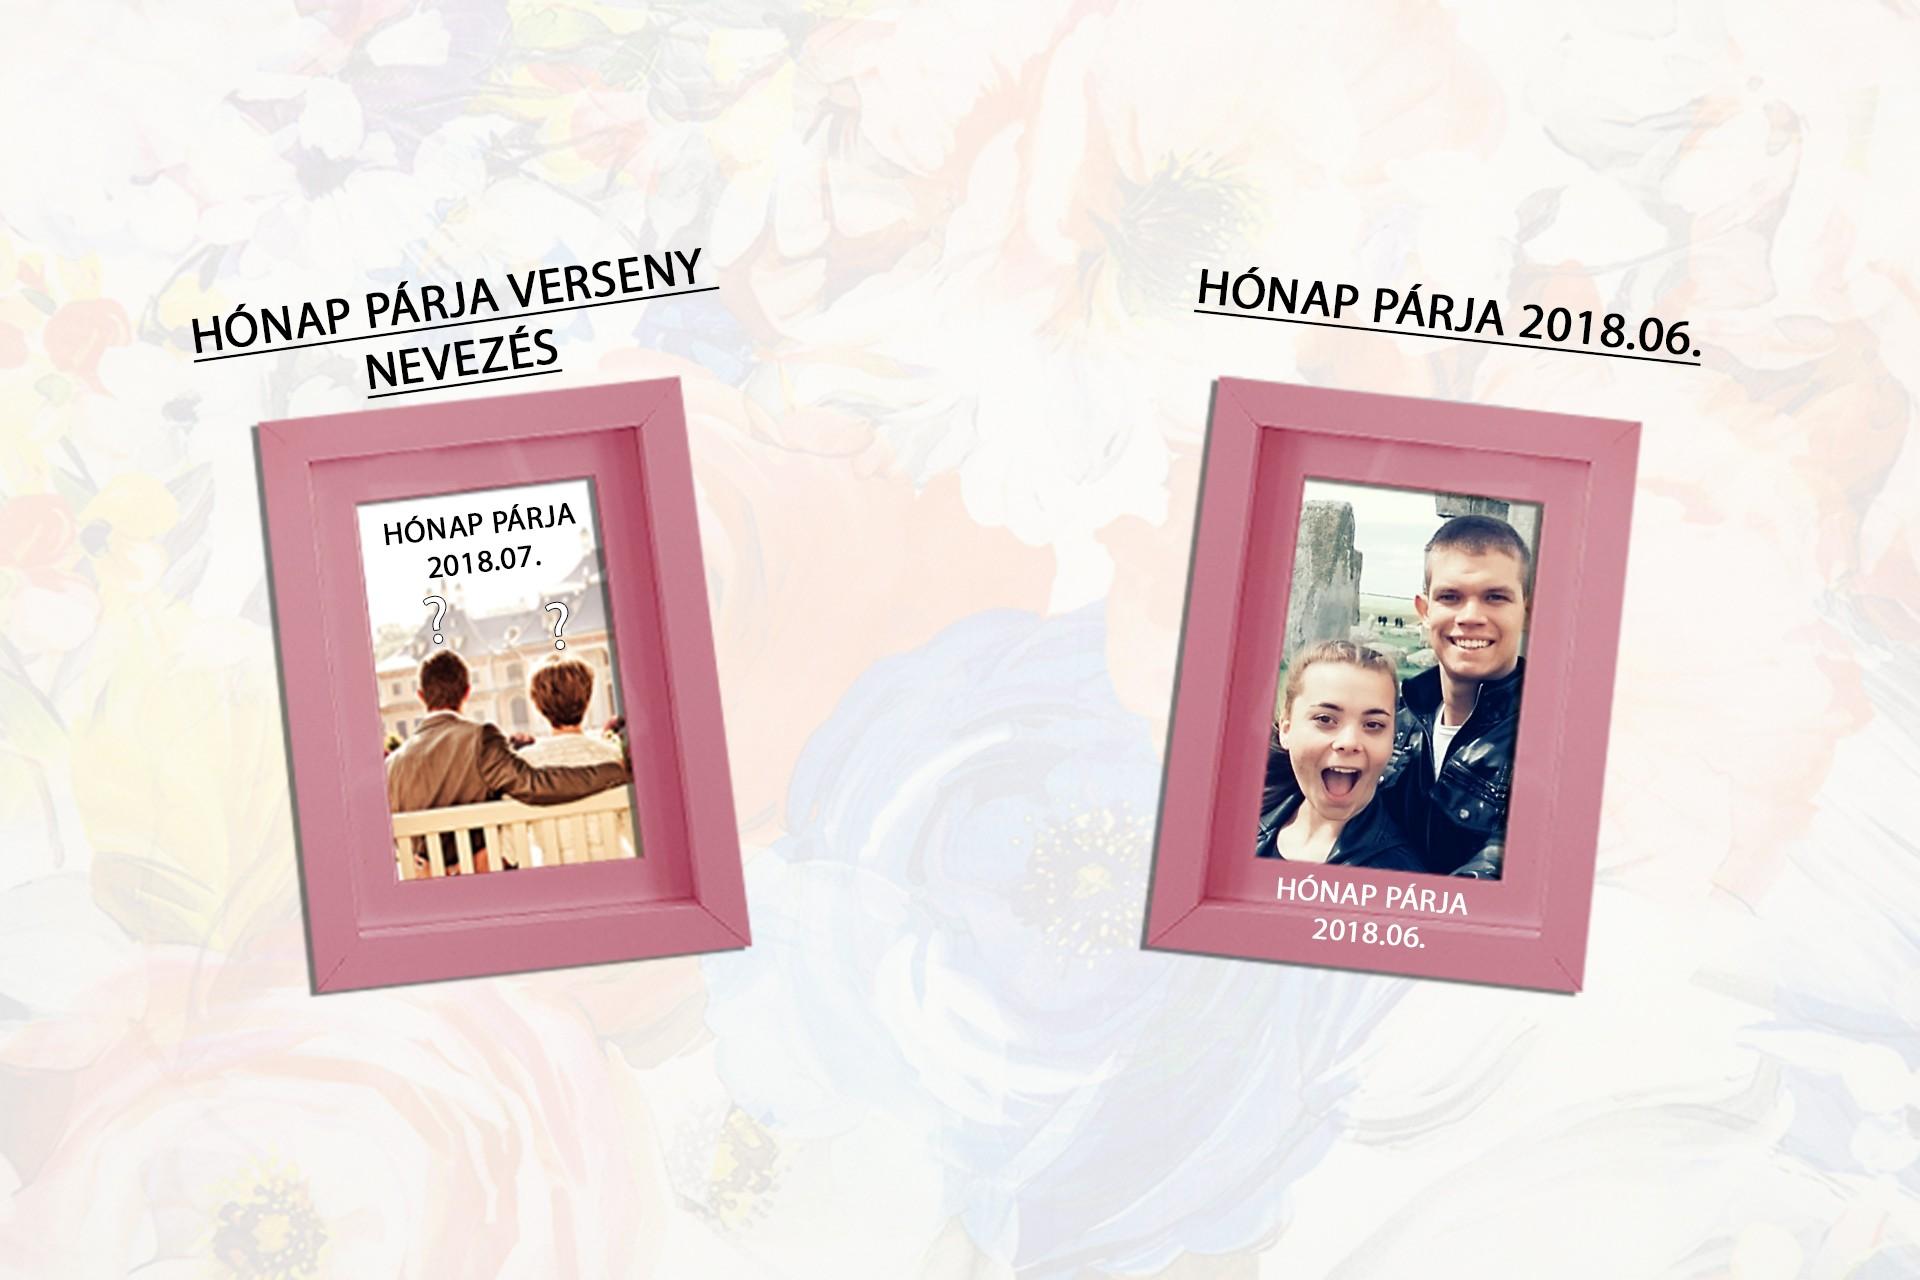 EREDMÉNYHIRDETÉS – HÓNAP PÁRJA VERSENY 2018 JÚNIUS